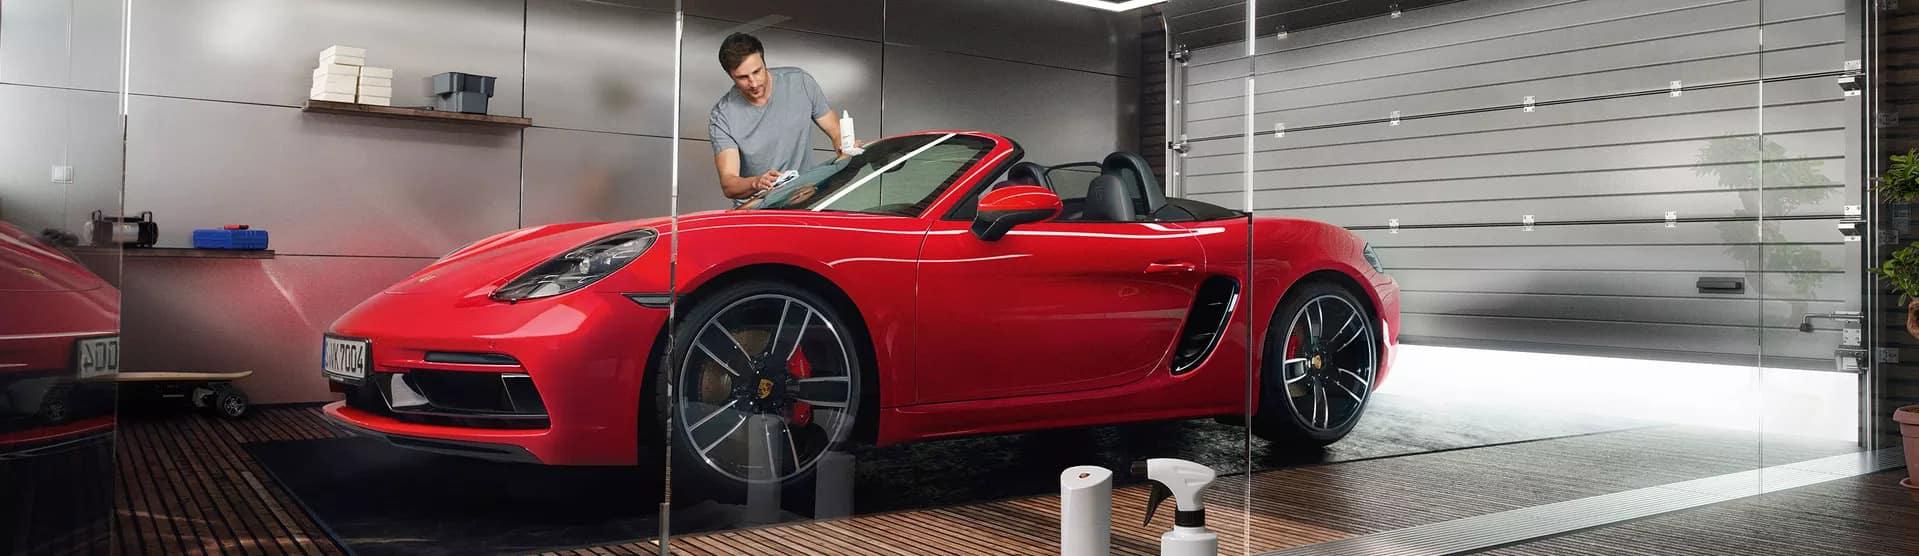 Porsche Detailing Services